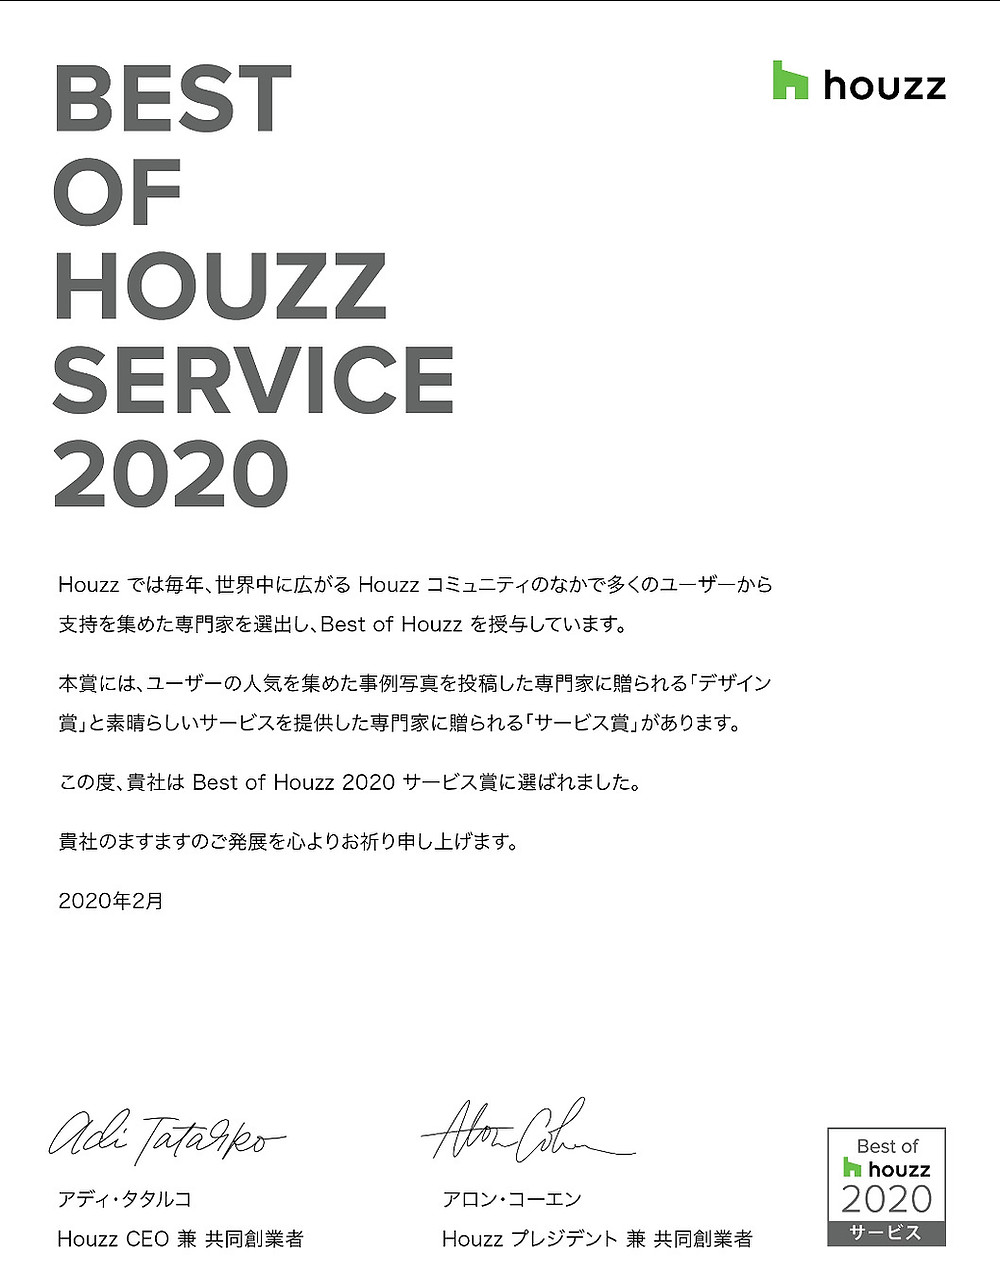 best of houzz service2020 受賞しました。インテリアコーディネーターツジチハルのブログ